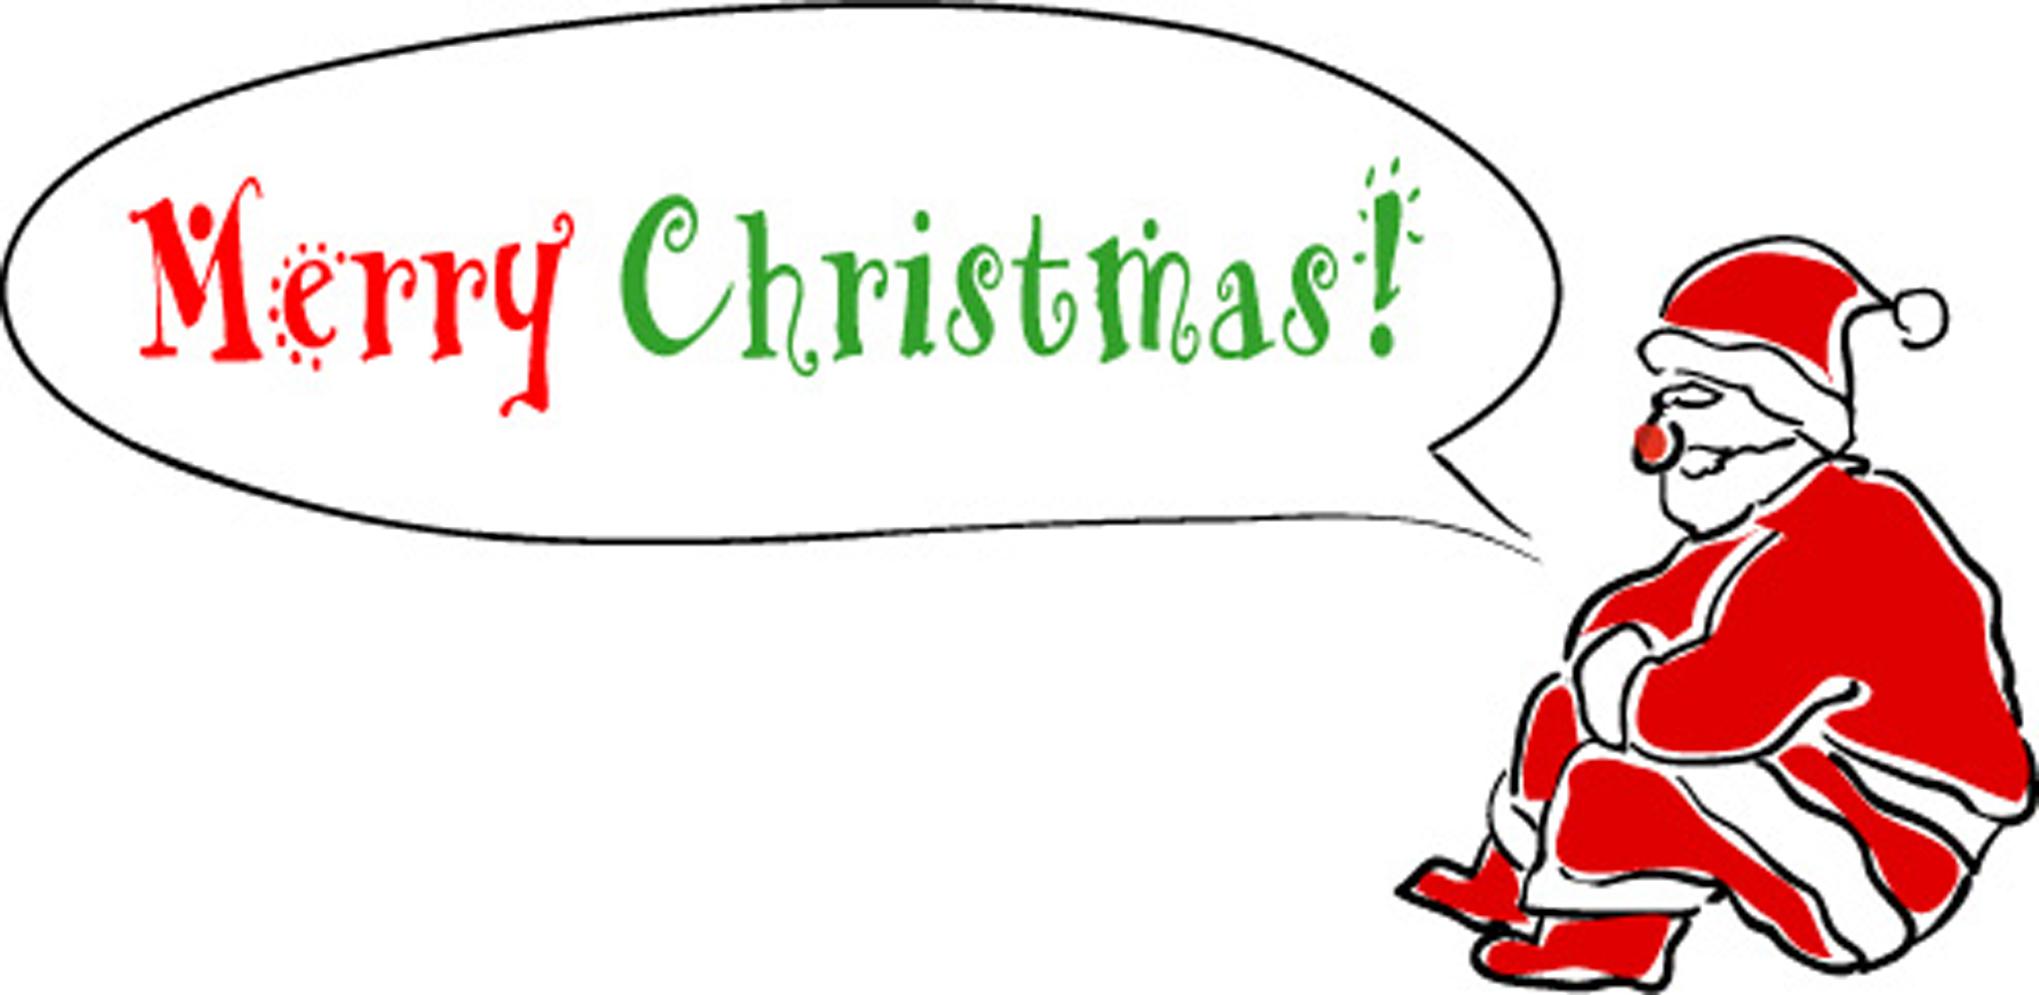 無料イラスト素材「クリスマス・ふきだしサンタ」ダウンロード